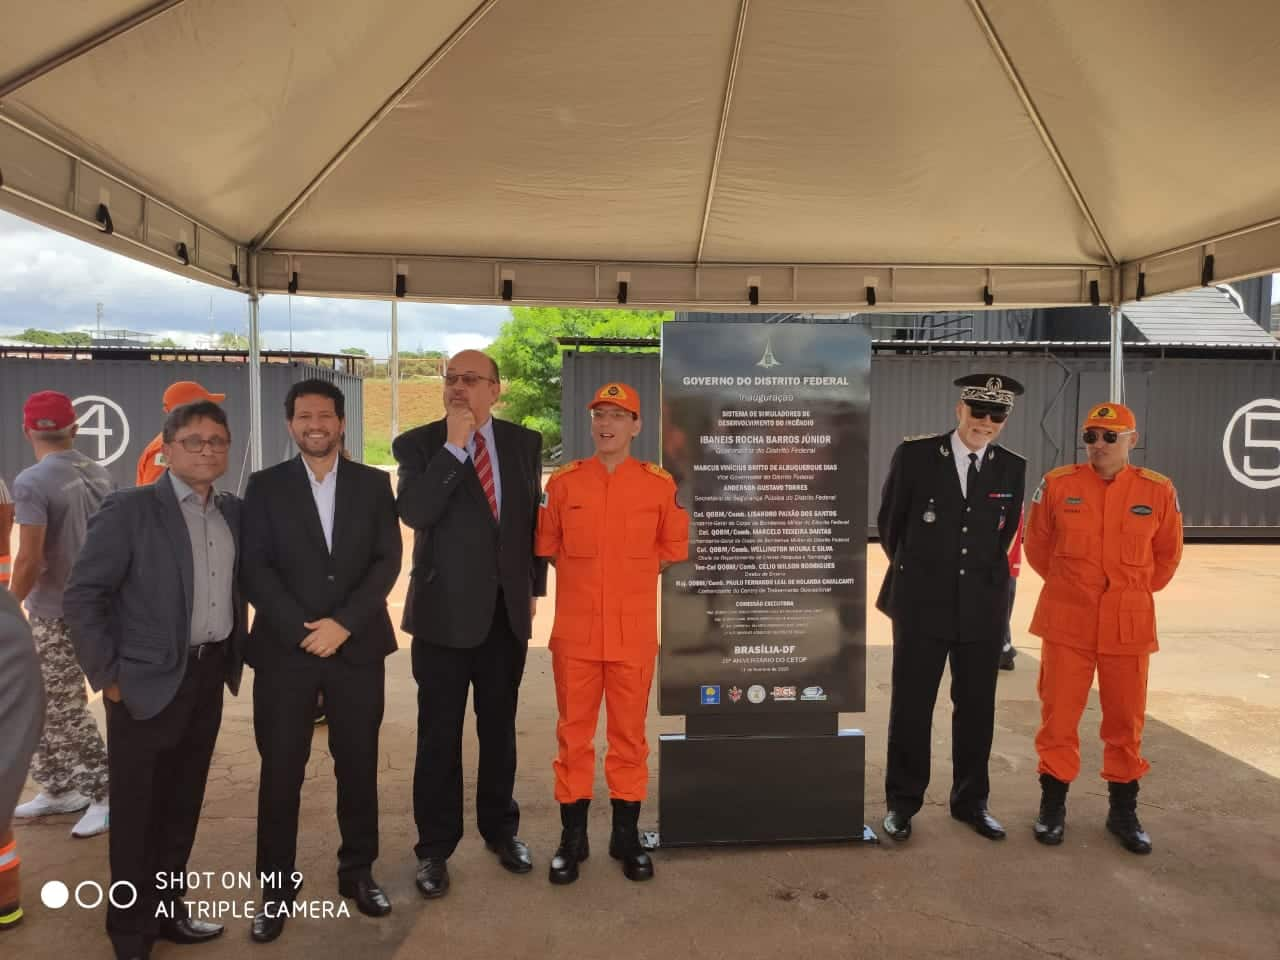 Ambiental Tecnol inaugura novo simulador de incêndio para o Corpo de Bombeiros (13)